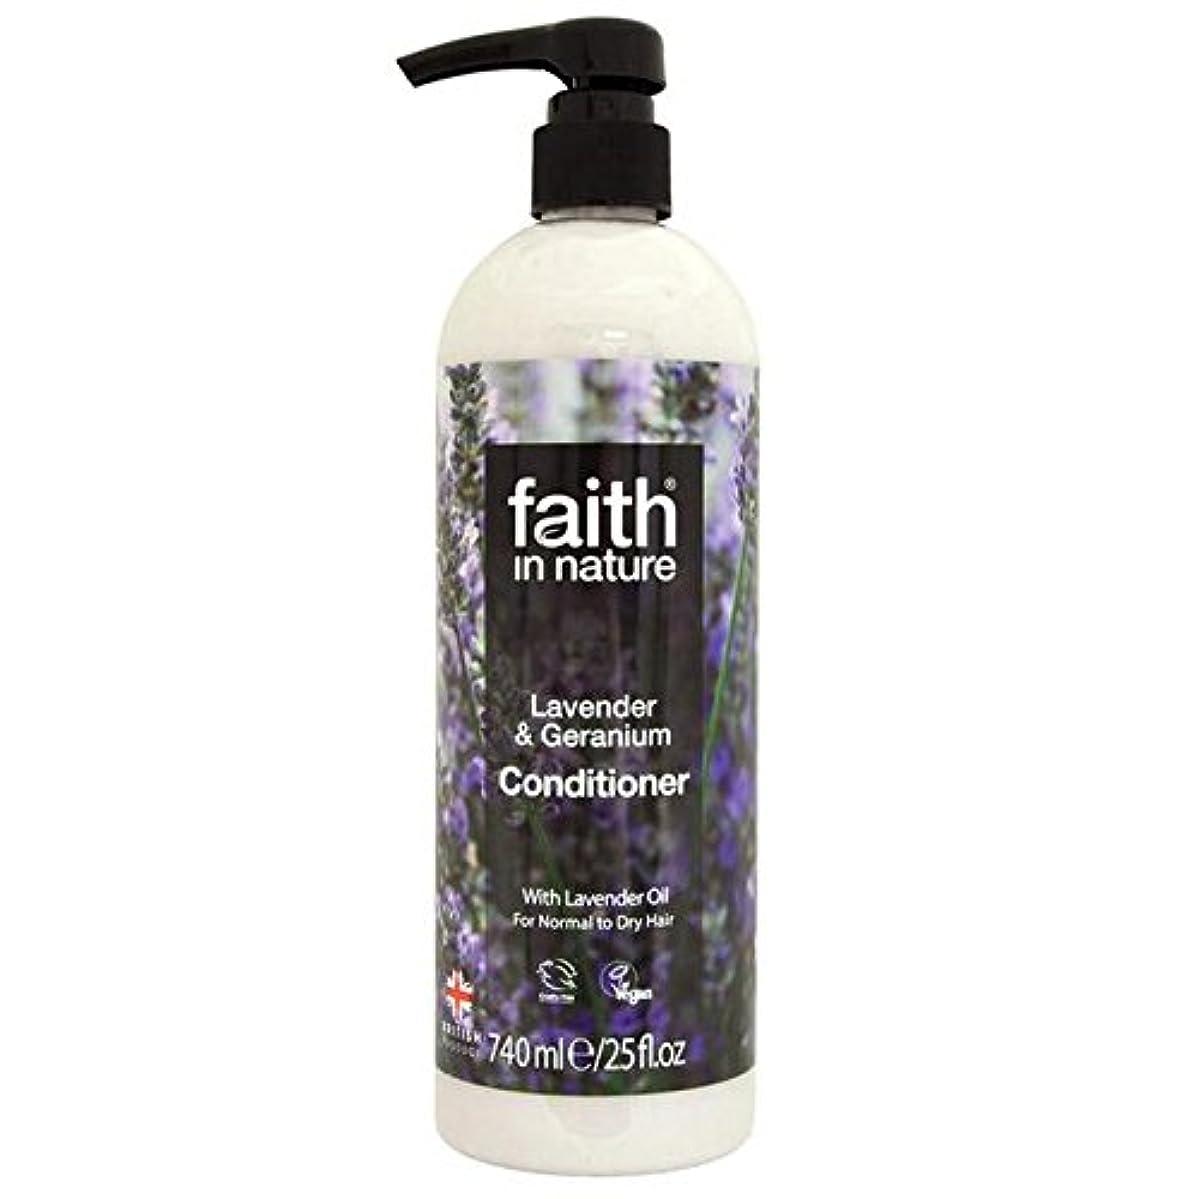 決定するくるくる遠近法Faith in Nature Lavender & Geranium Conditioner 740ml (Pack of 6) - (Faith In Nature) 自然ラベンダー&ゼラニウムコンディショナー740ミリリットルの信仰 (x6) [並行輸入品]